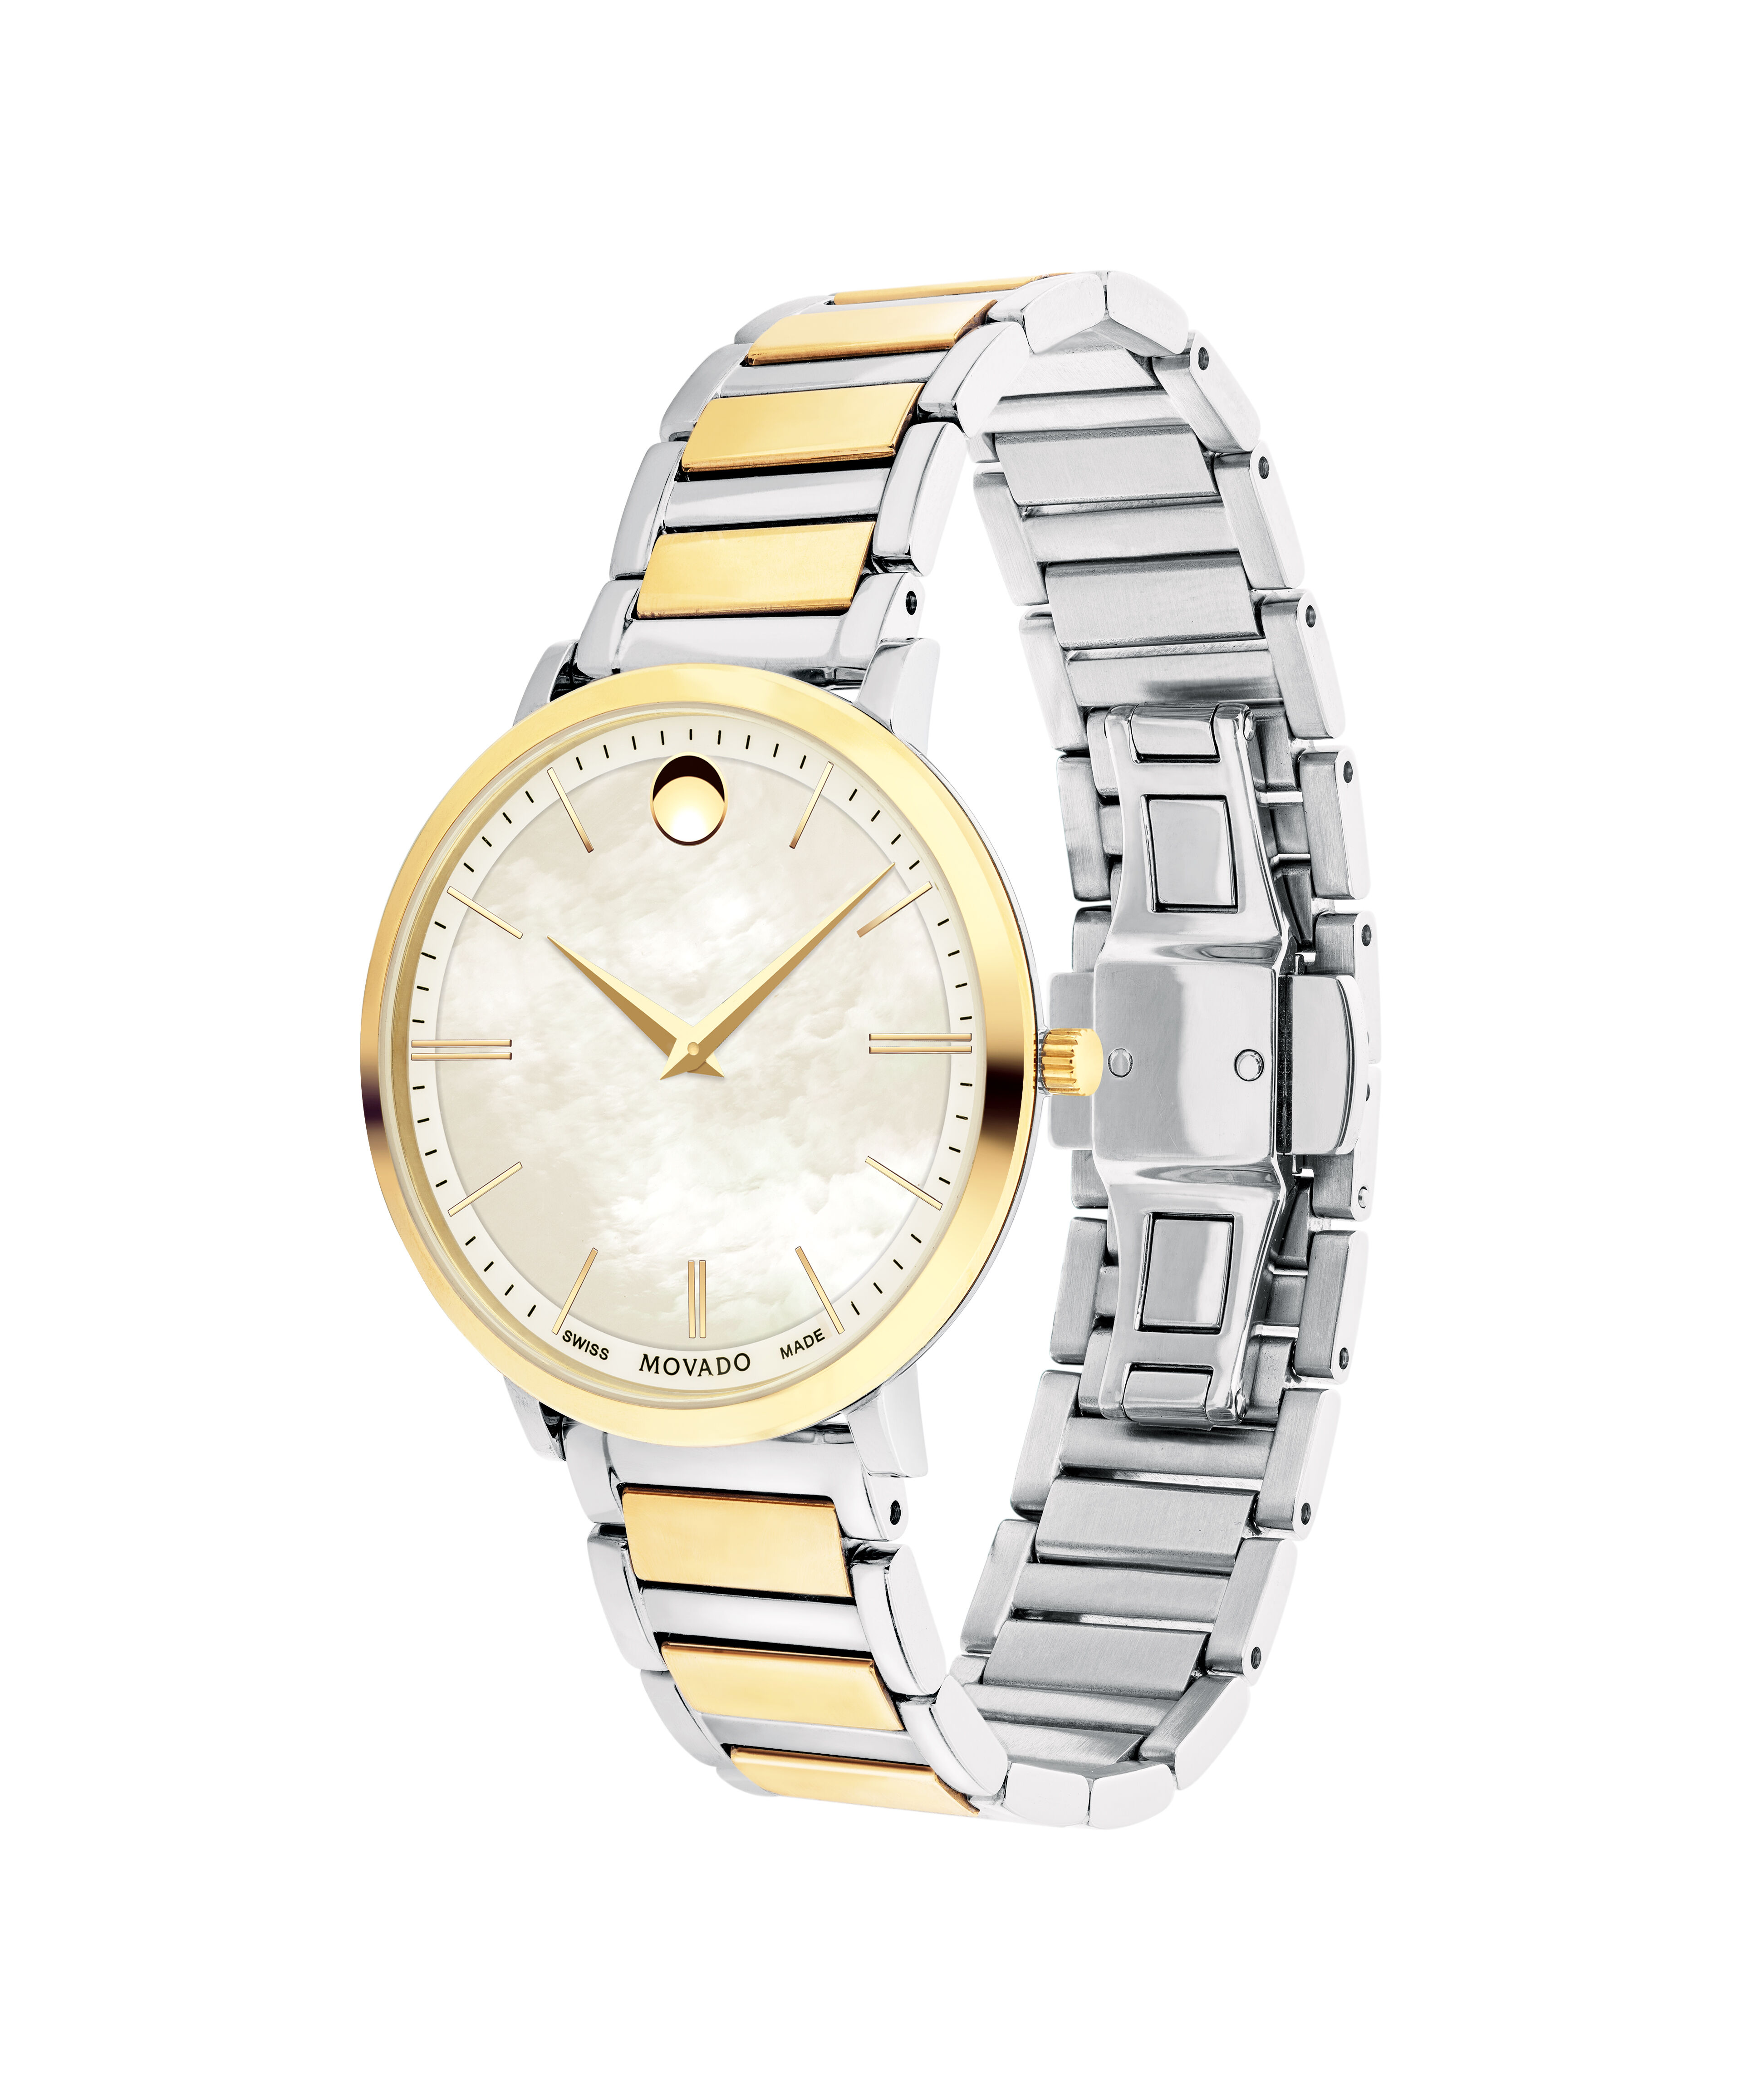 Fake Gold Watch Amazon